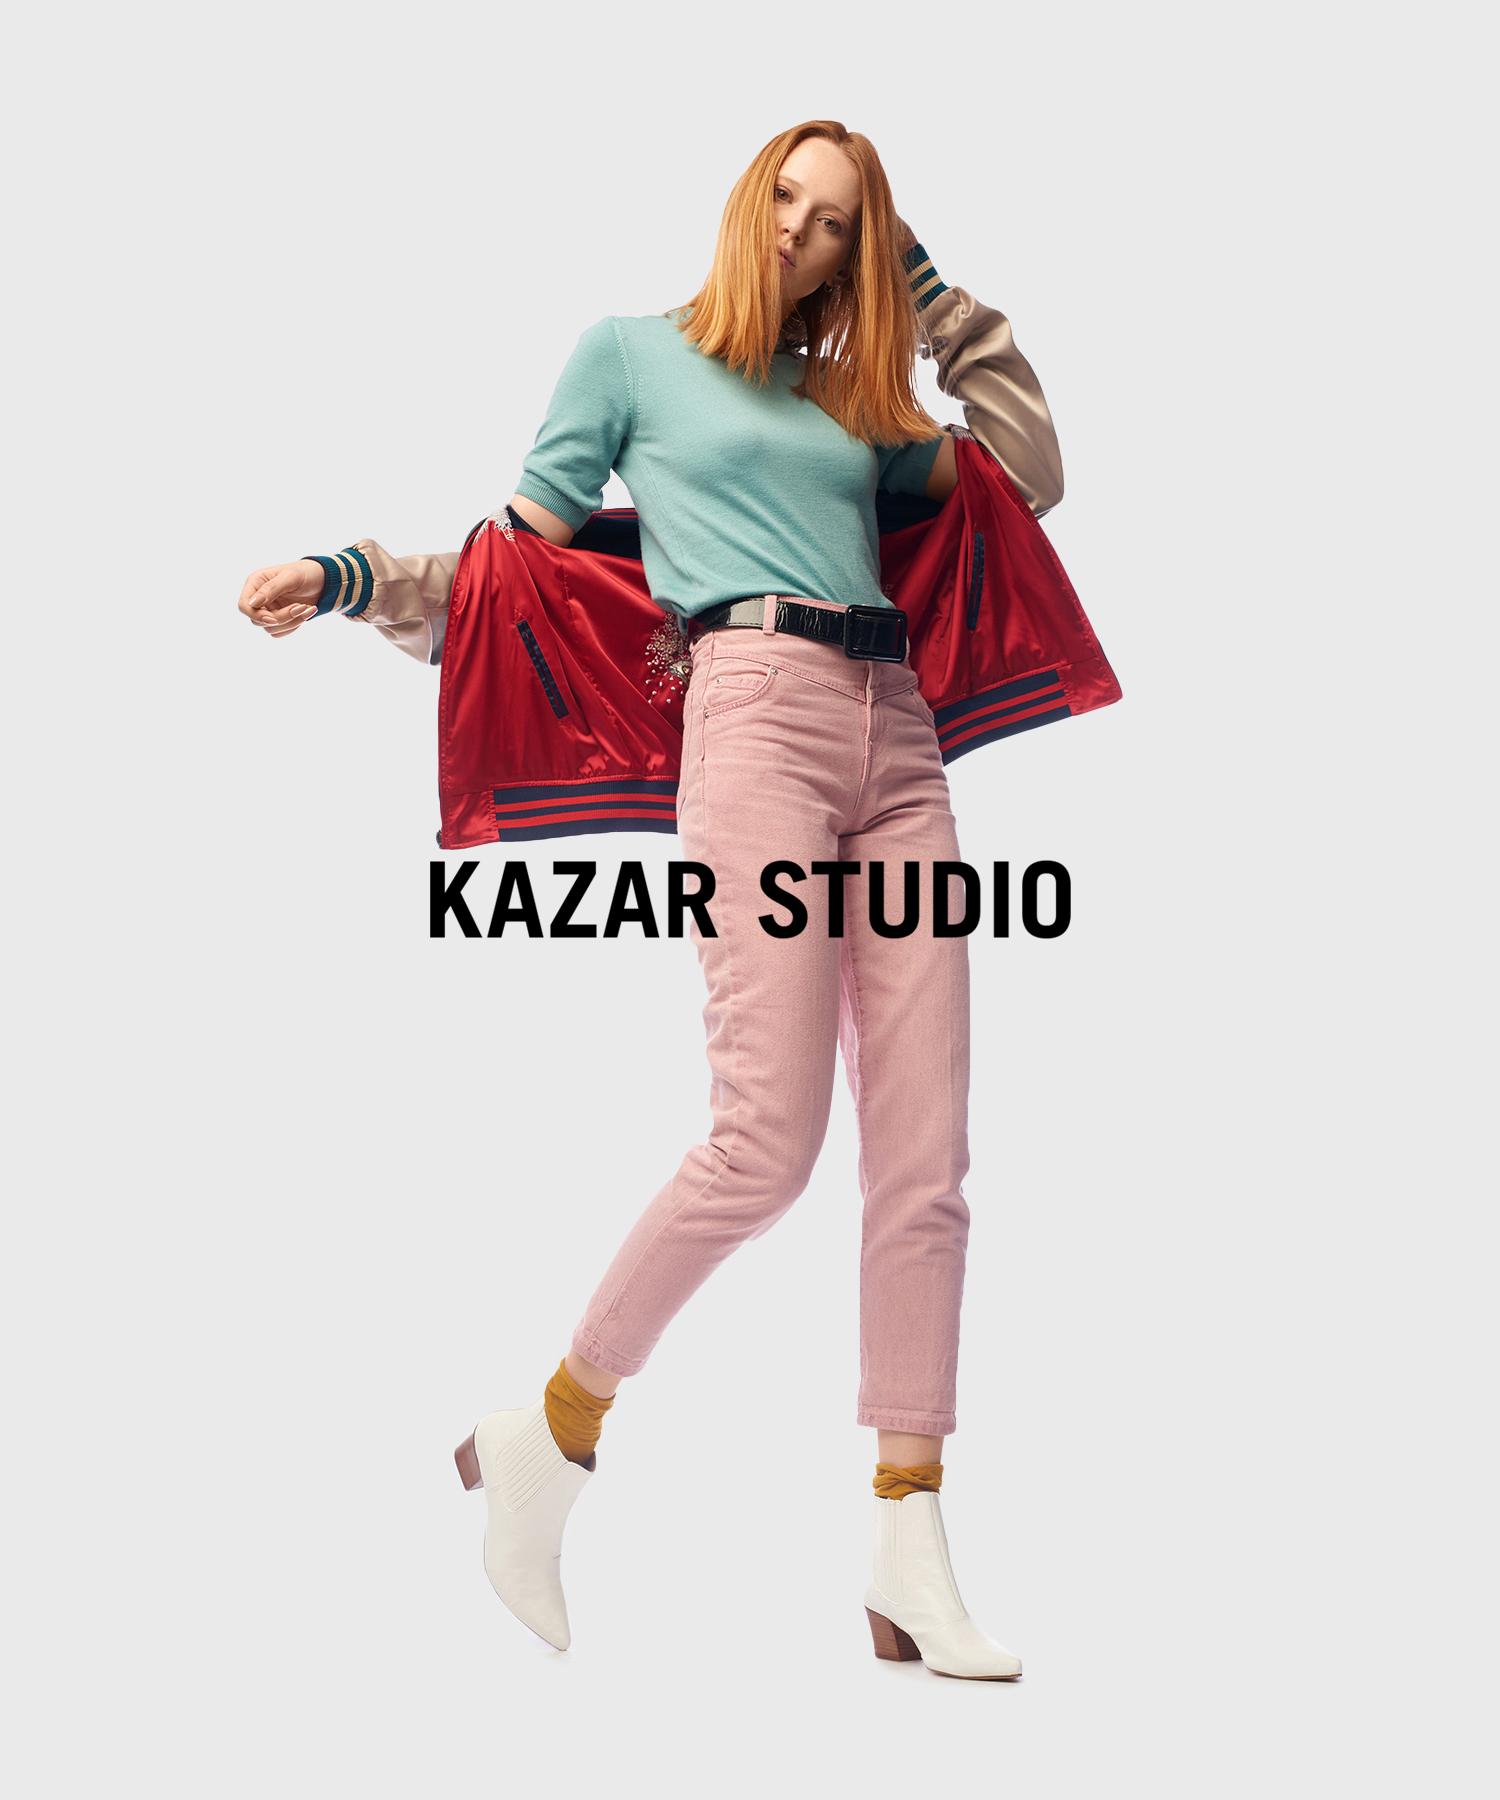 kazar studio00004.jpg